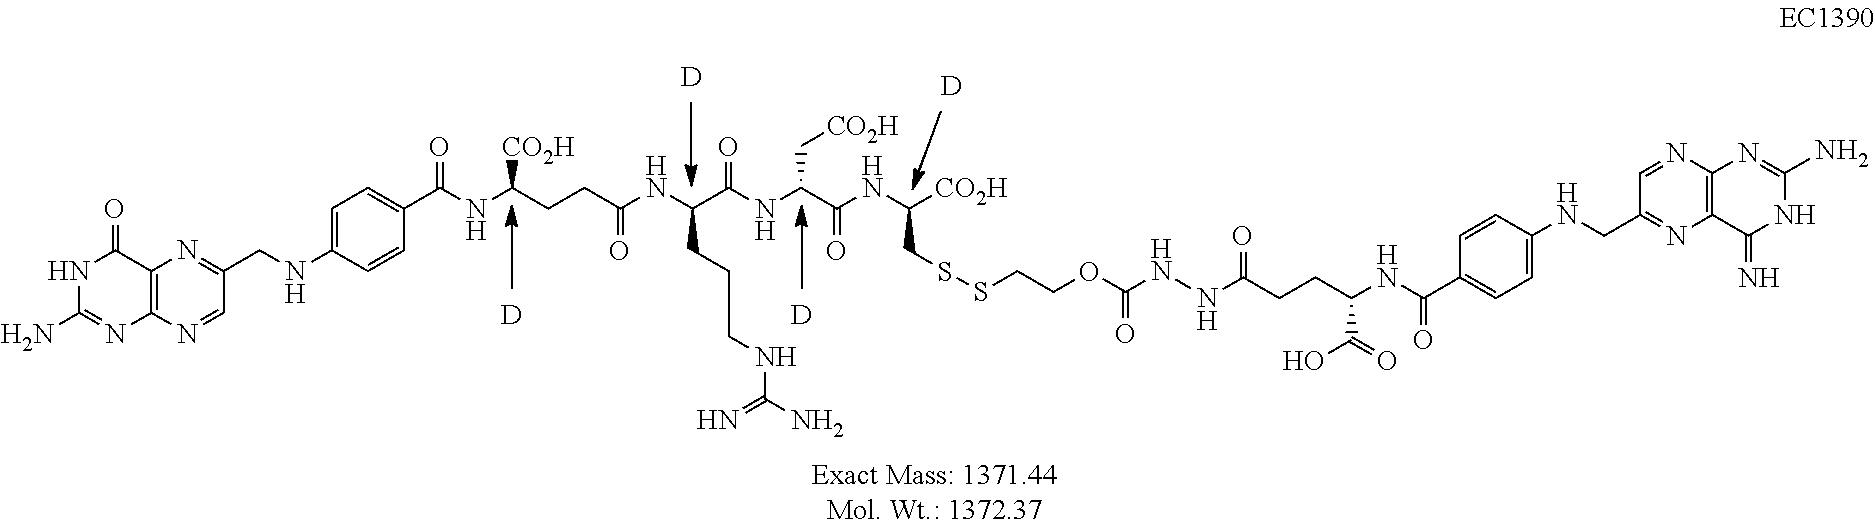 Figure US09662402-20170530-C00183